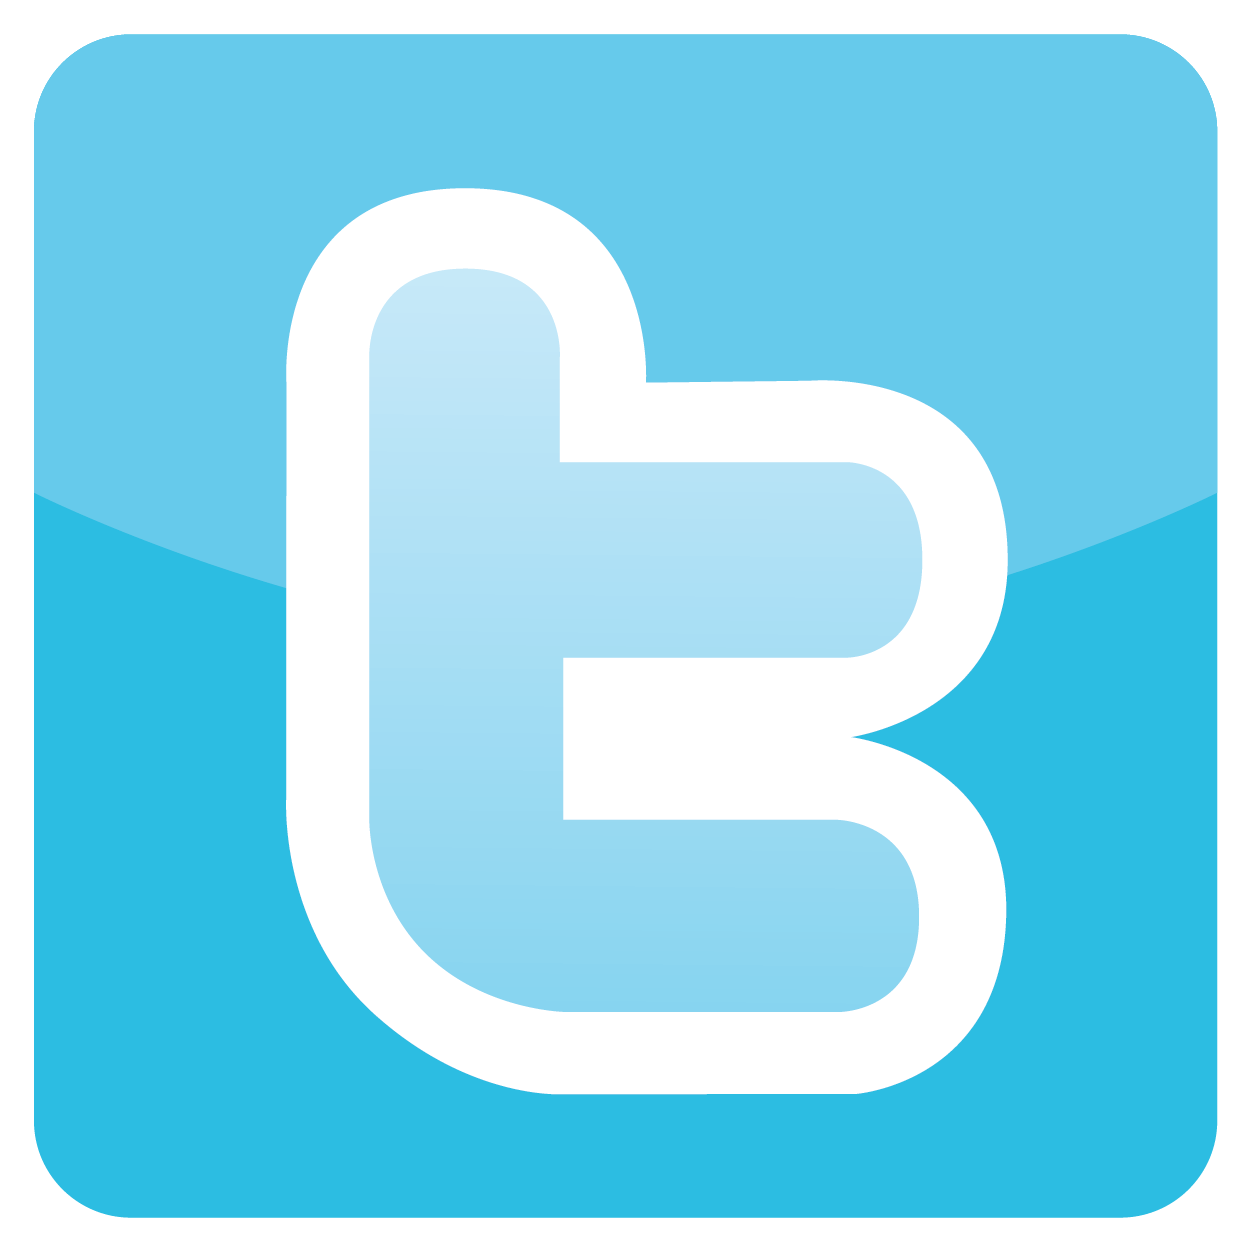 Twitter de mi saga